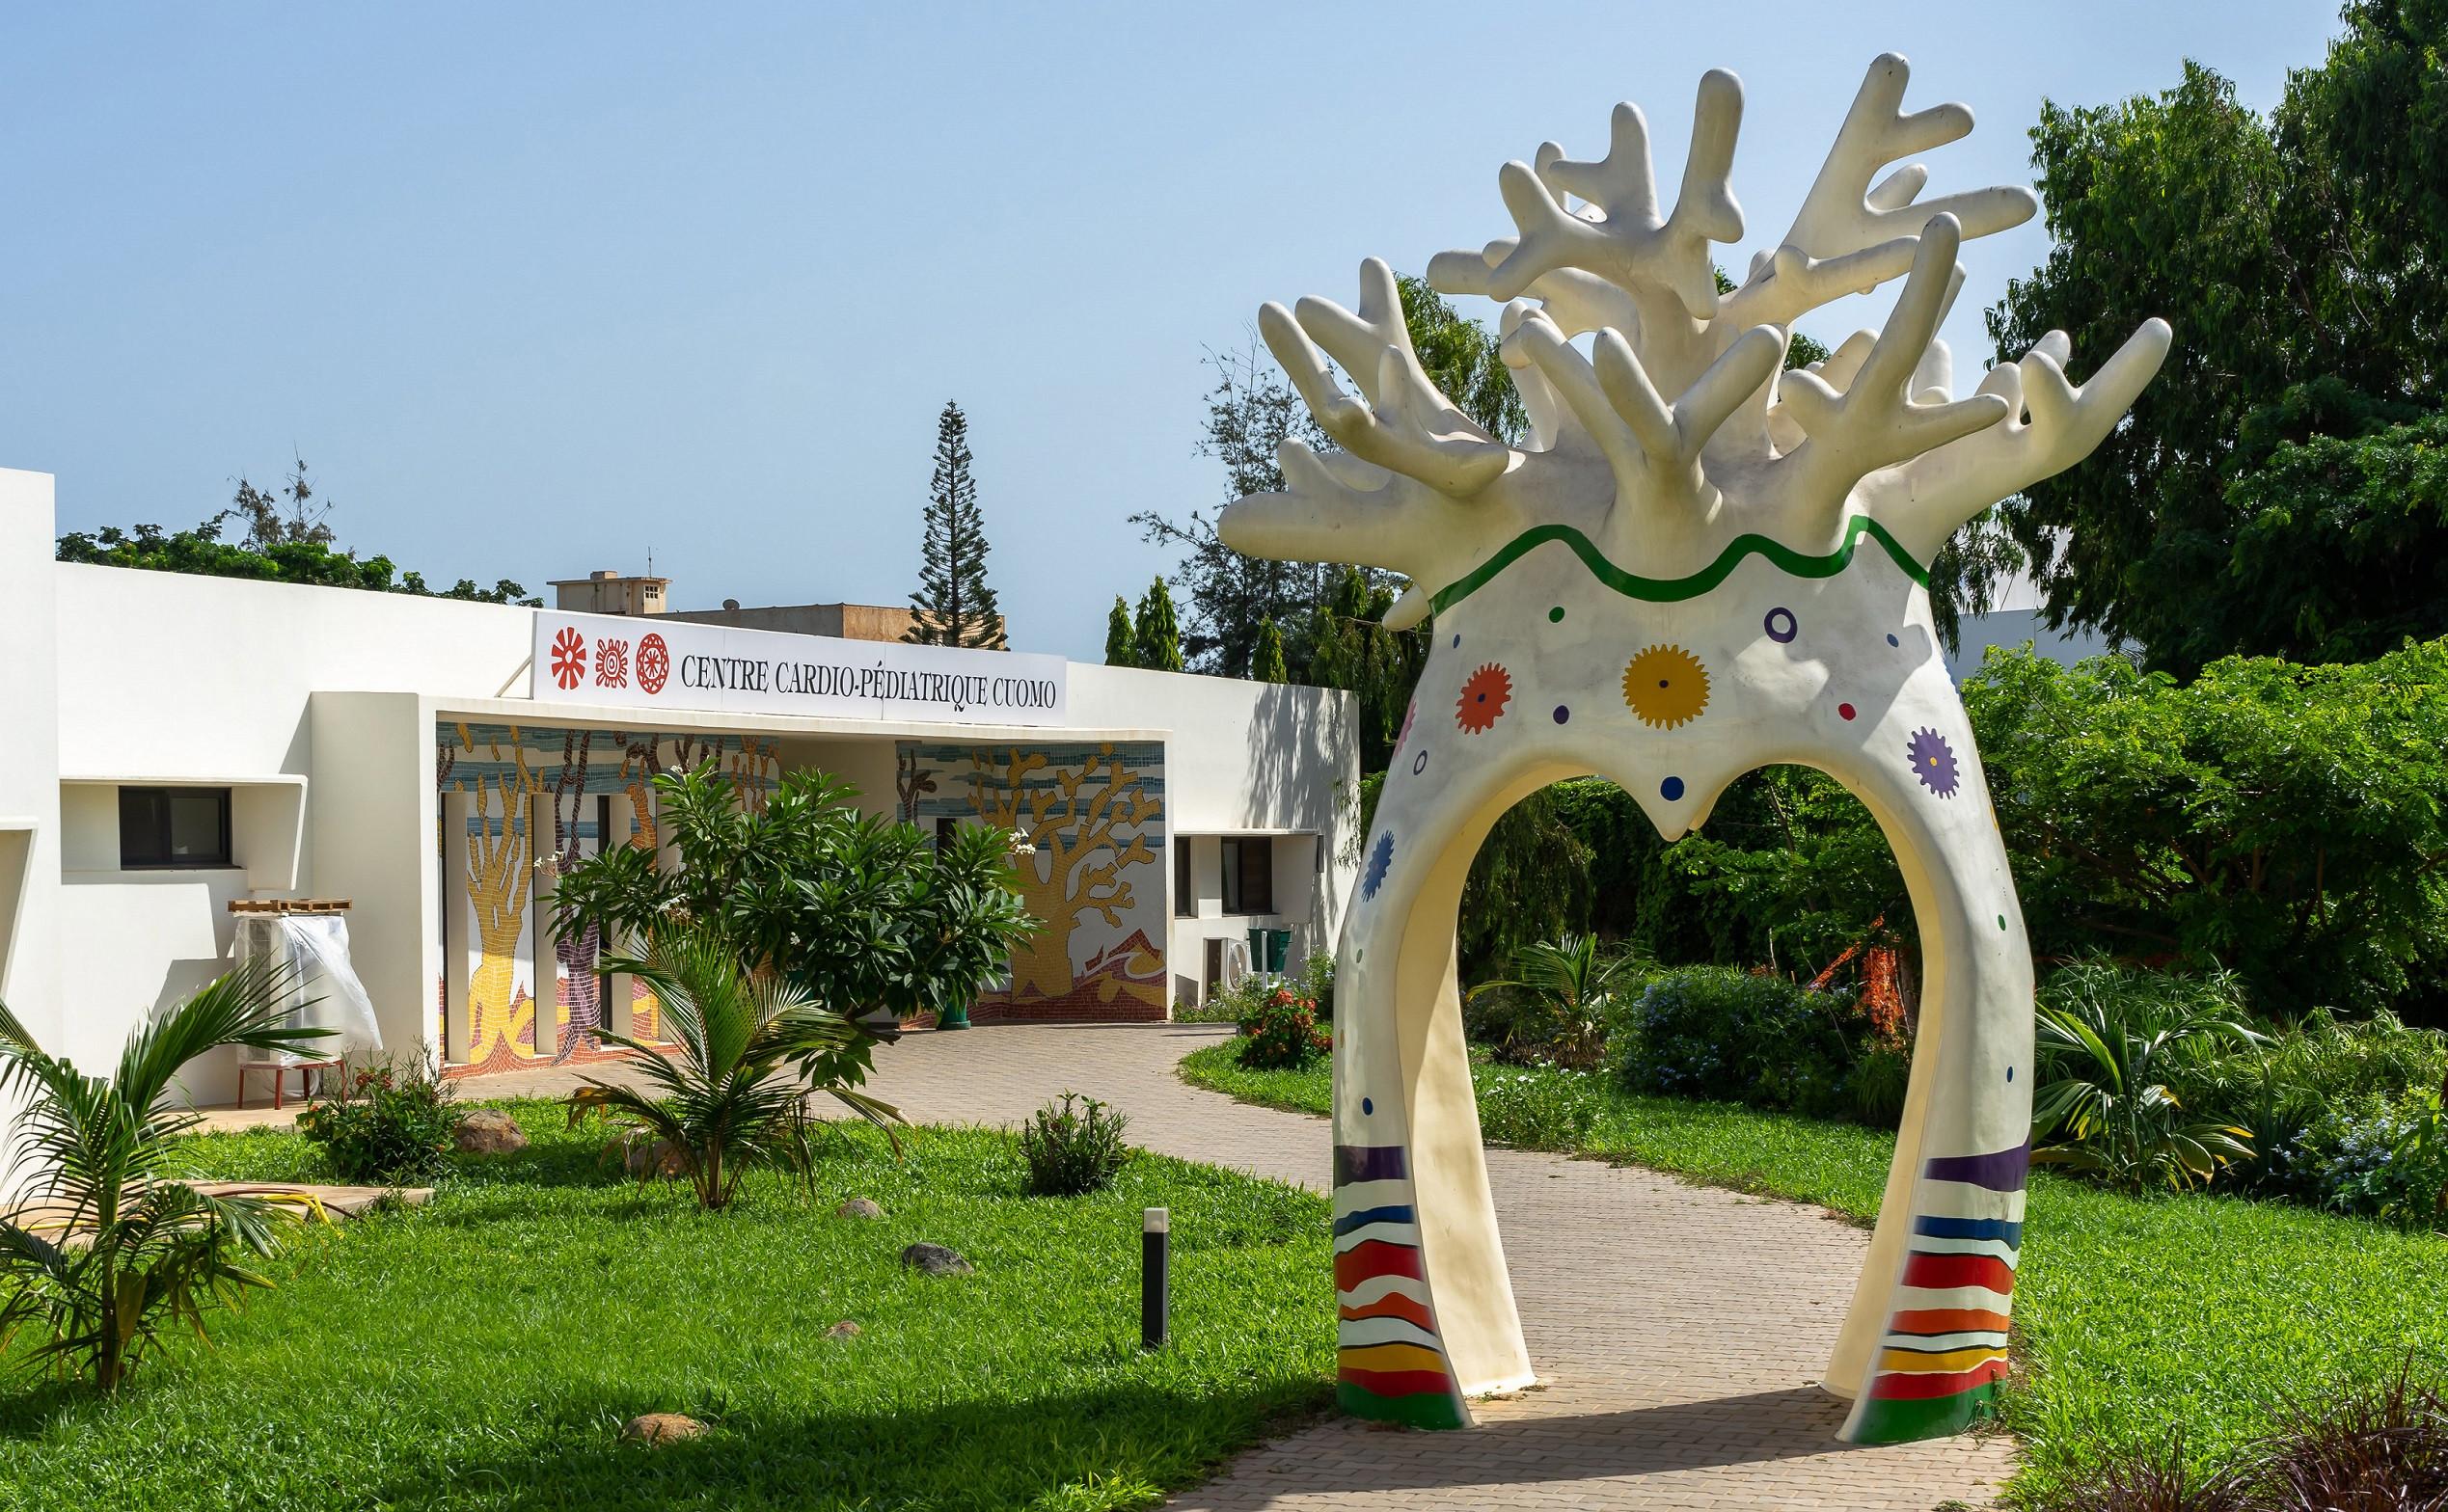 Centre Cardio-Pédiatrique de Cuomo